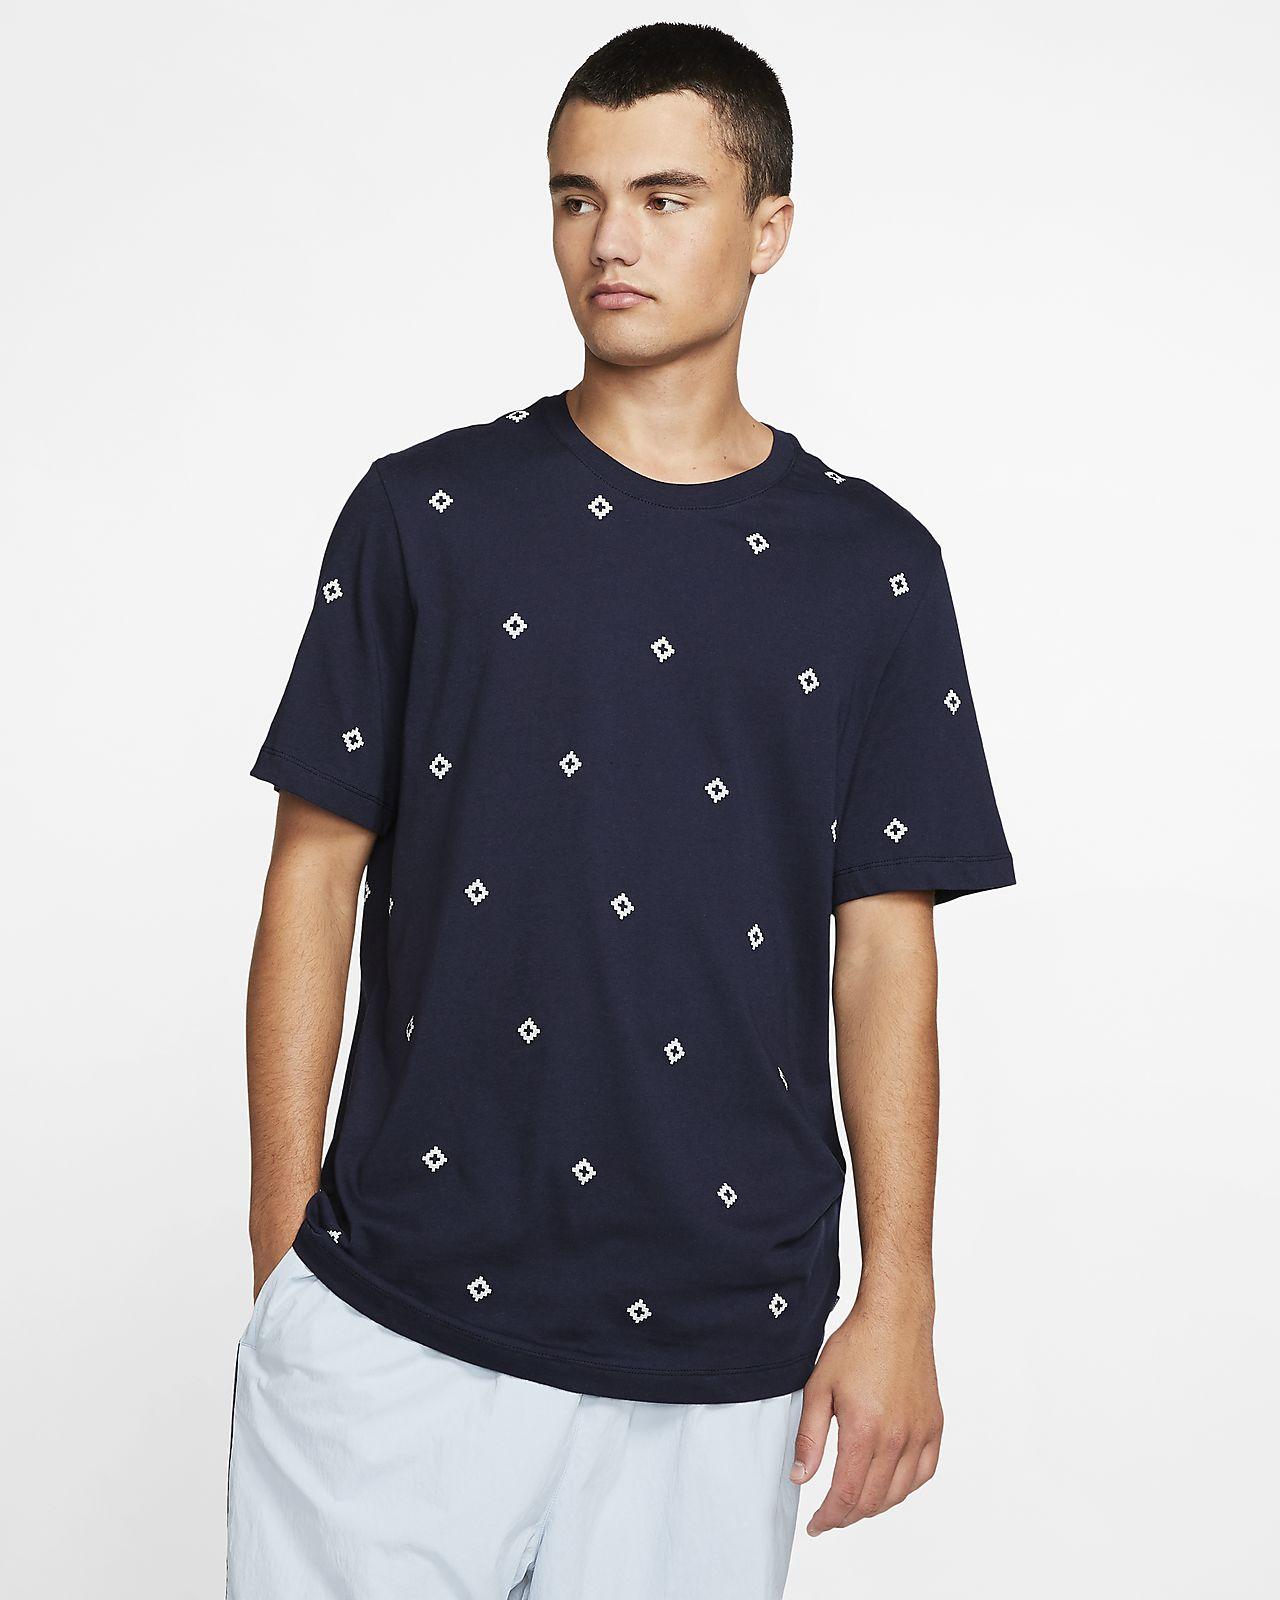 Męski T-shirt do skateboardingu z nadrukiem Nike SB